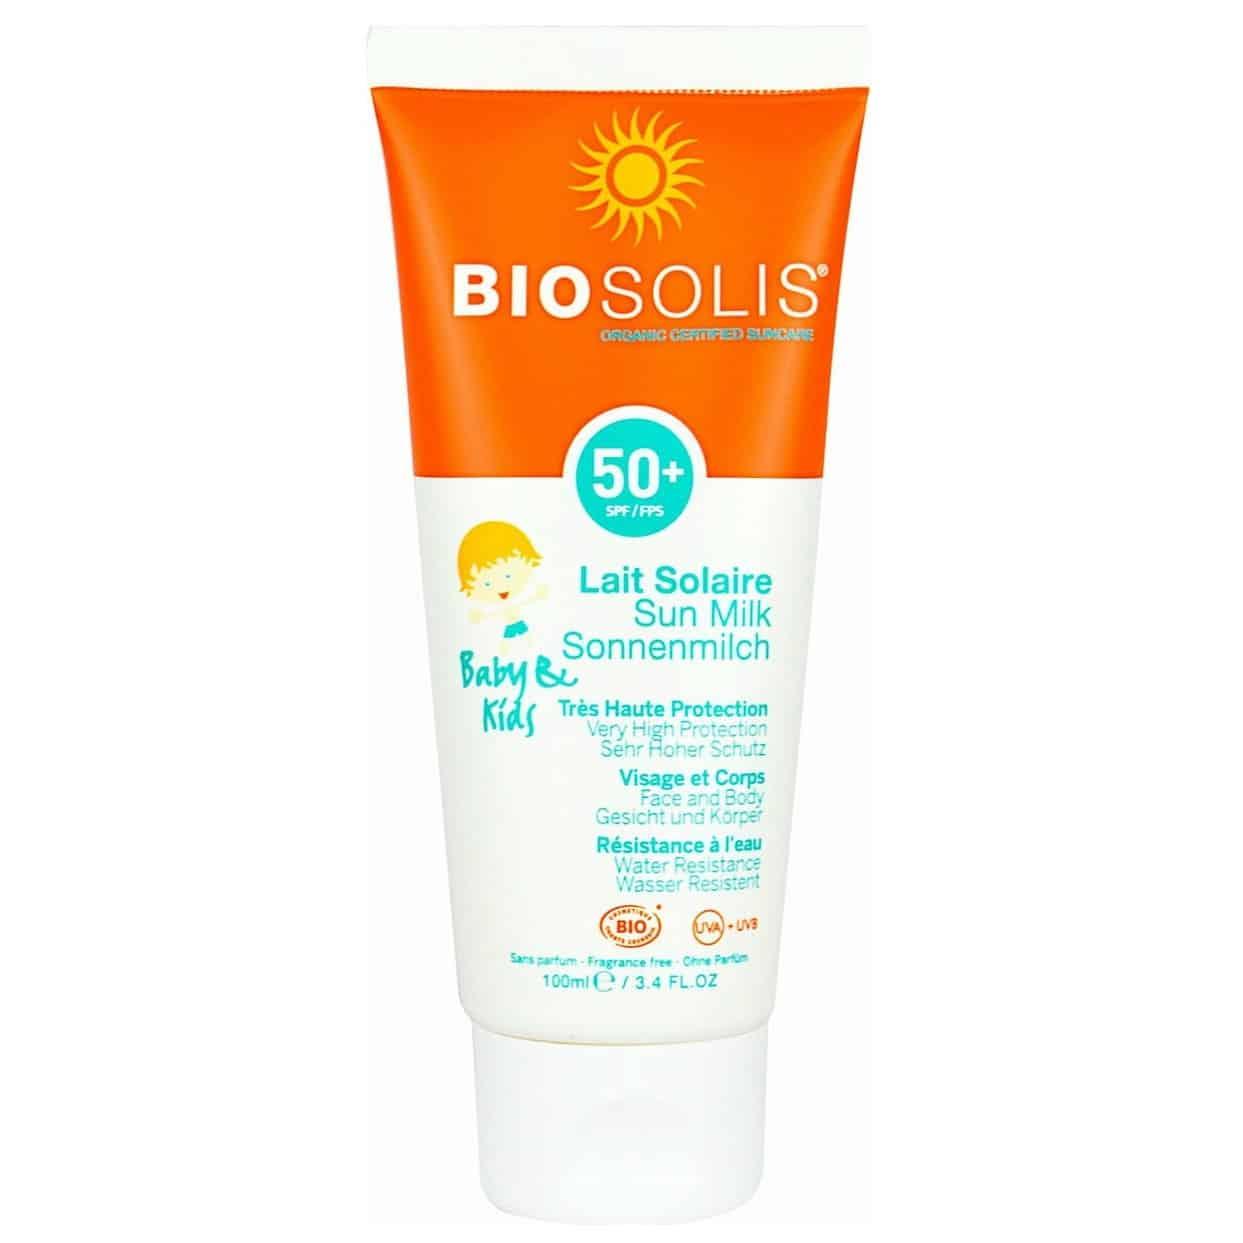 BIOSOLIS, mleczko przeciwsłoneczne dla niemowląt idzieci SPF 50+, Matka Aptekarka